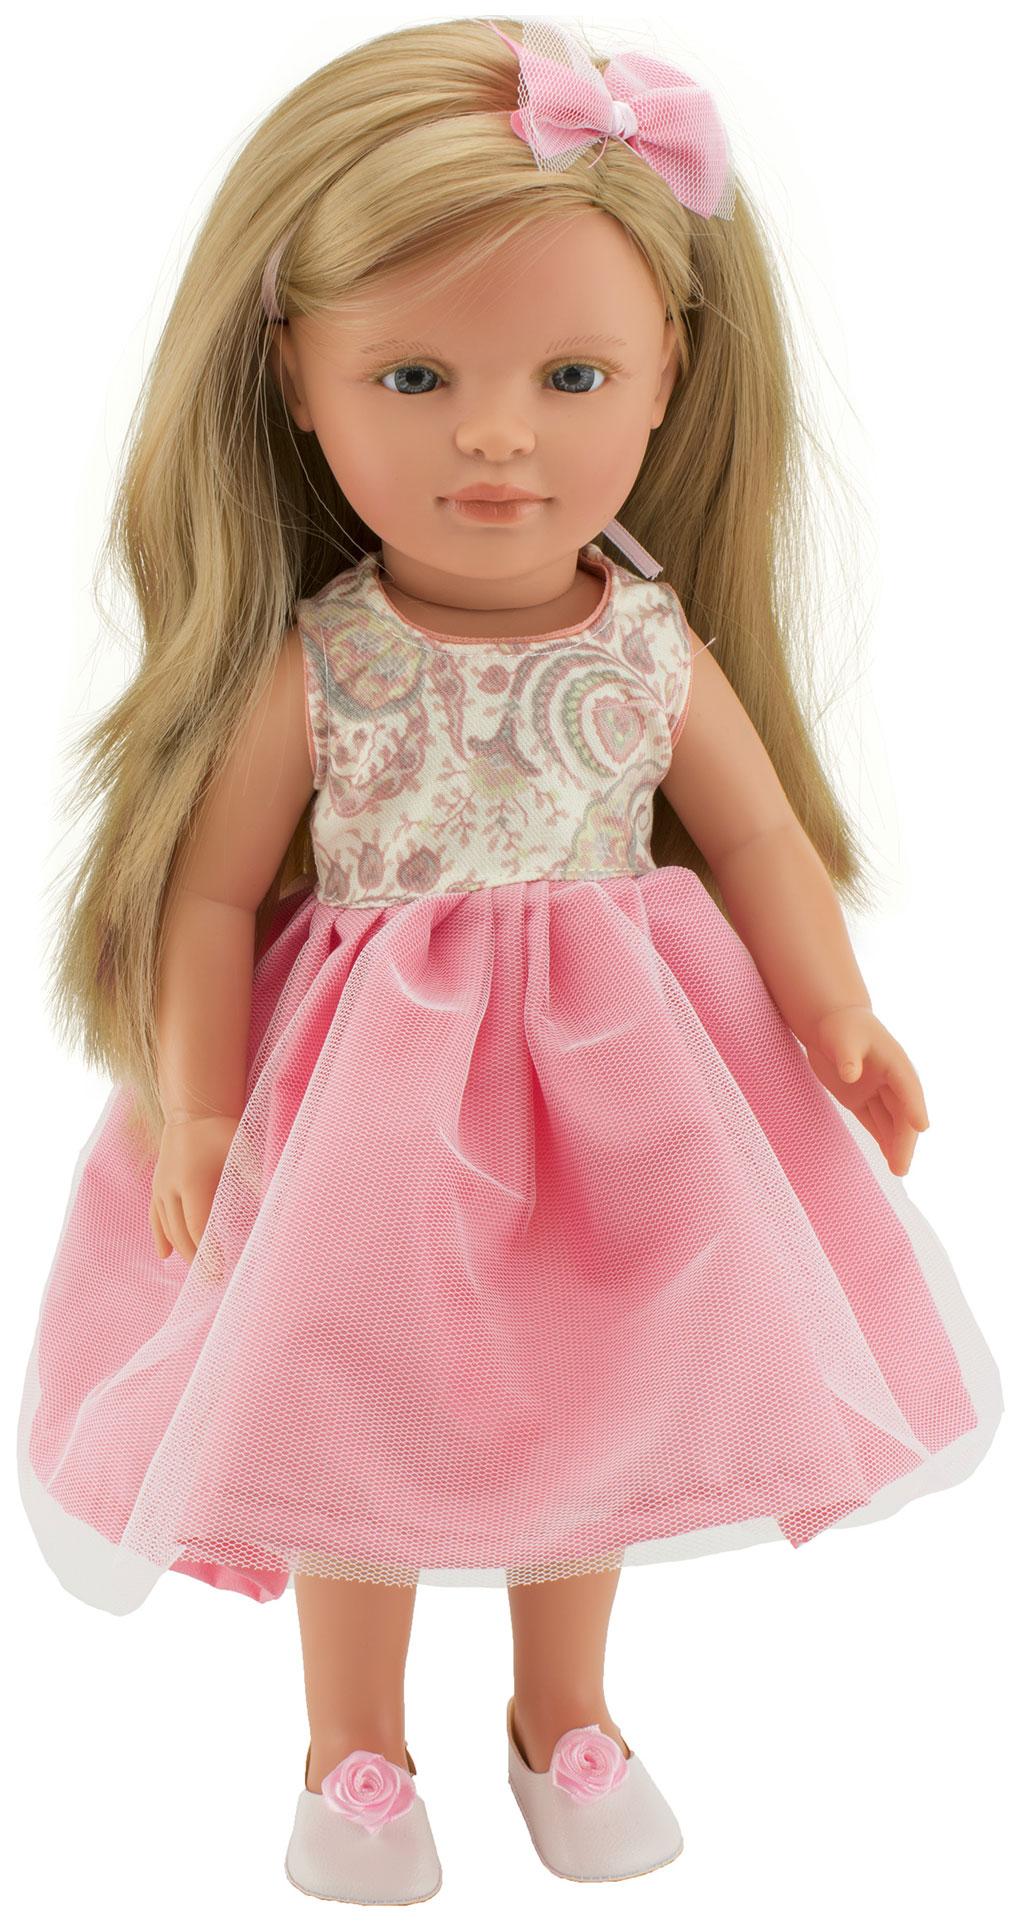 Купить Кукла Нина, блондинка, Lamagik, Классические куклы